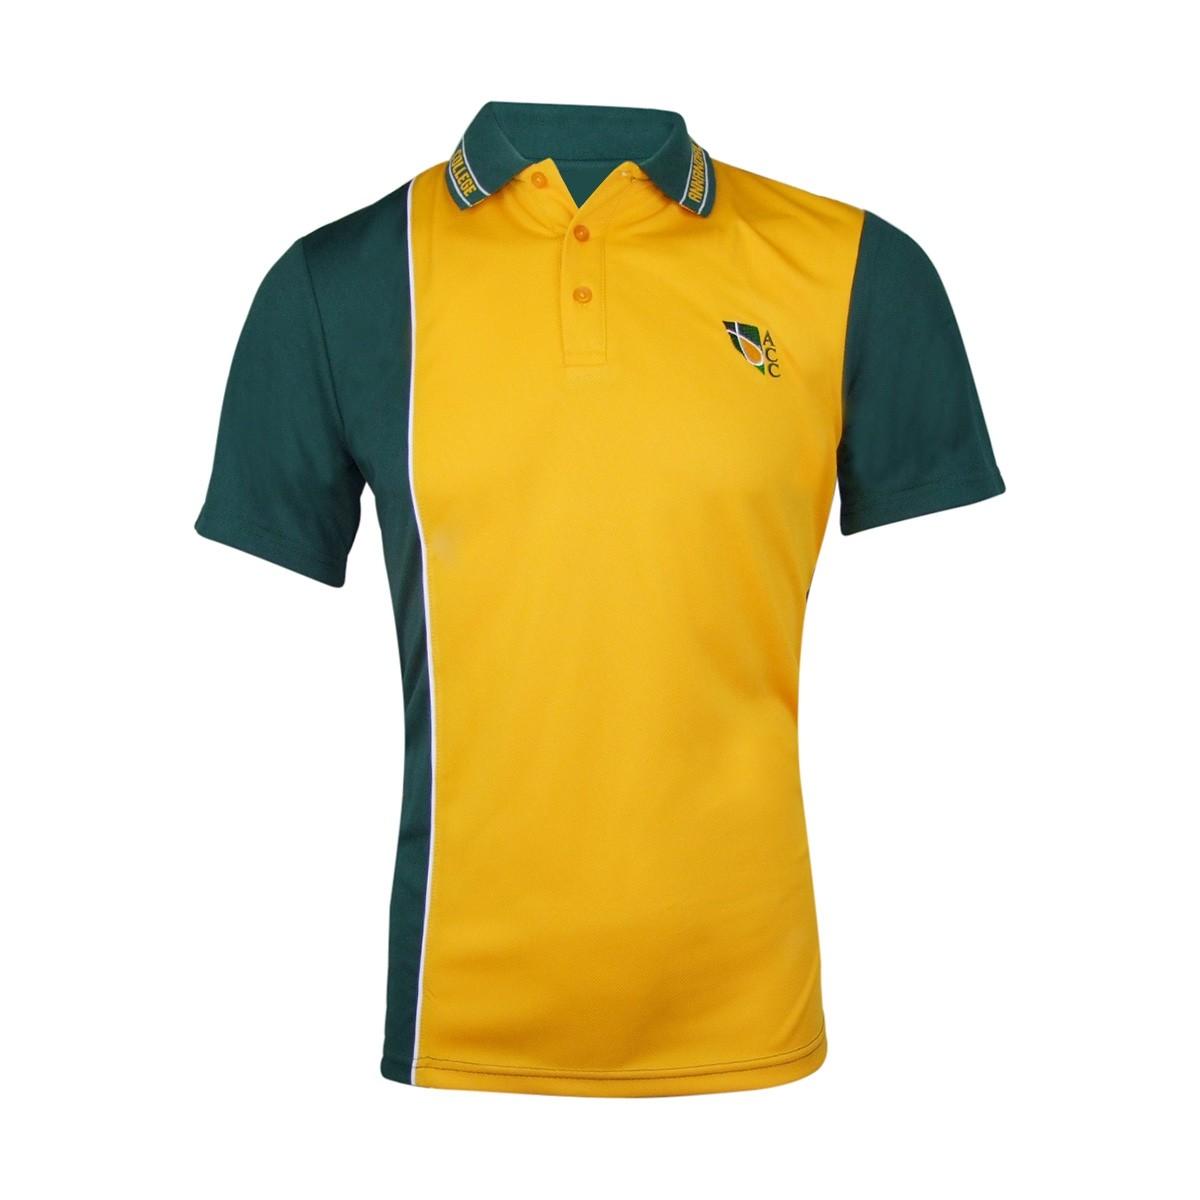 Polo- Sport Unisex - Uniforms - Annandale